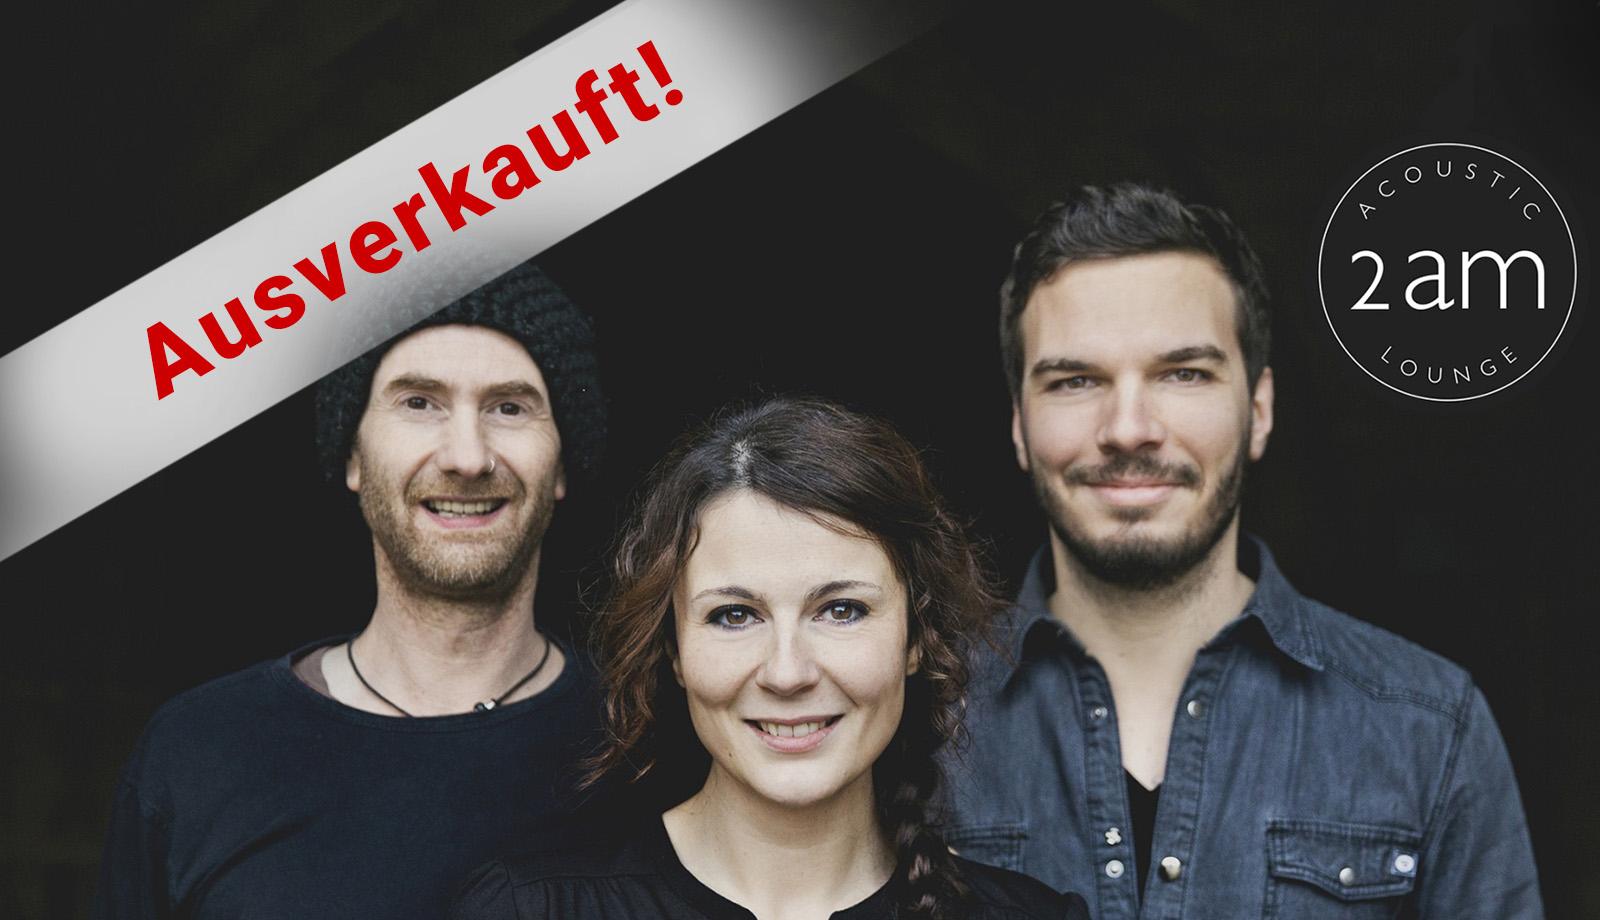 Stehlampen-Konzert mit 2am & friends -AUSVERKAUFT-